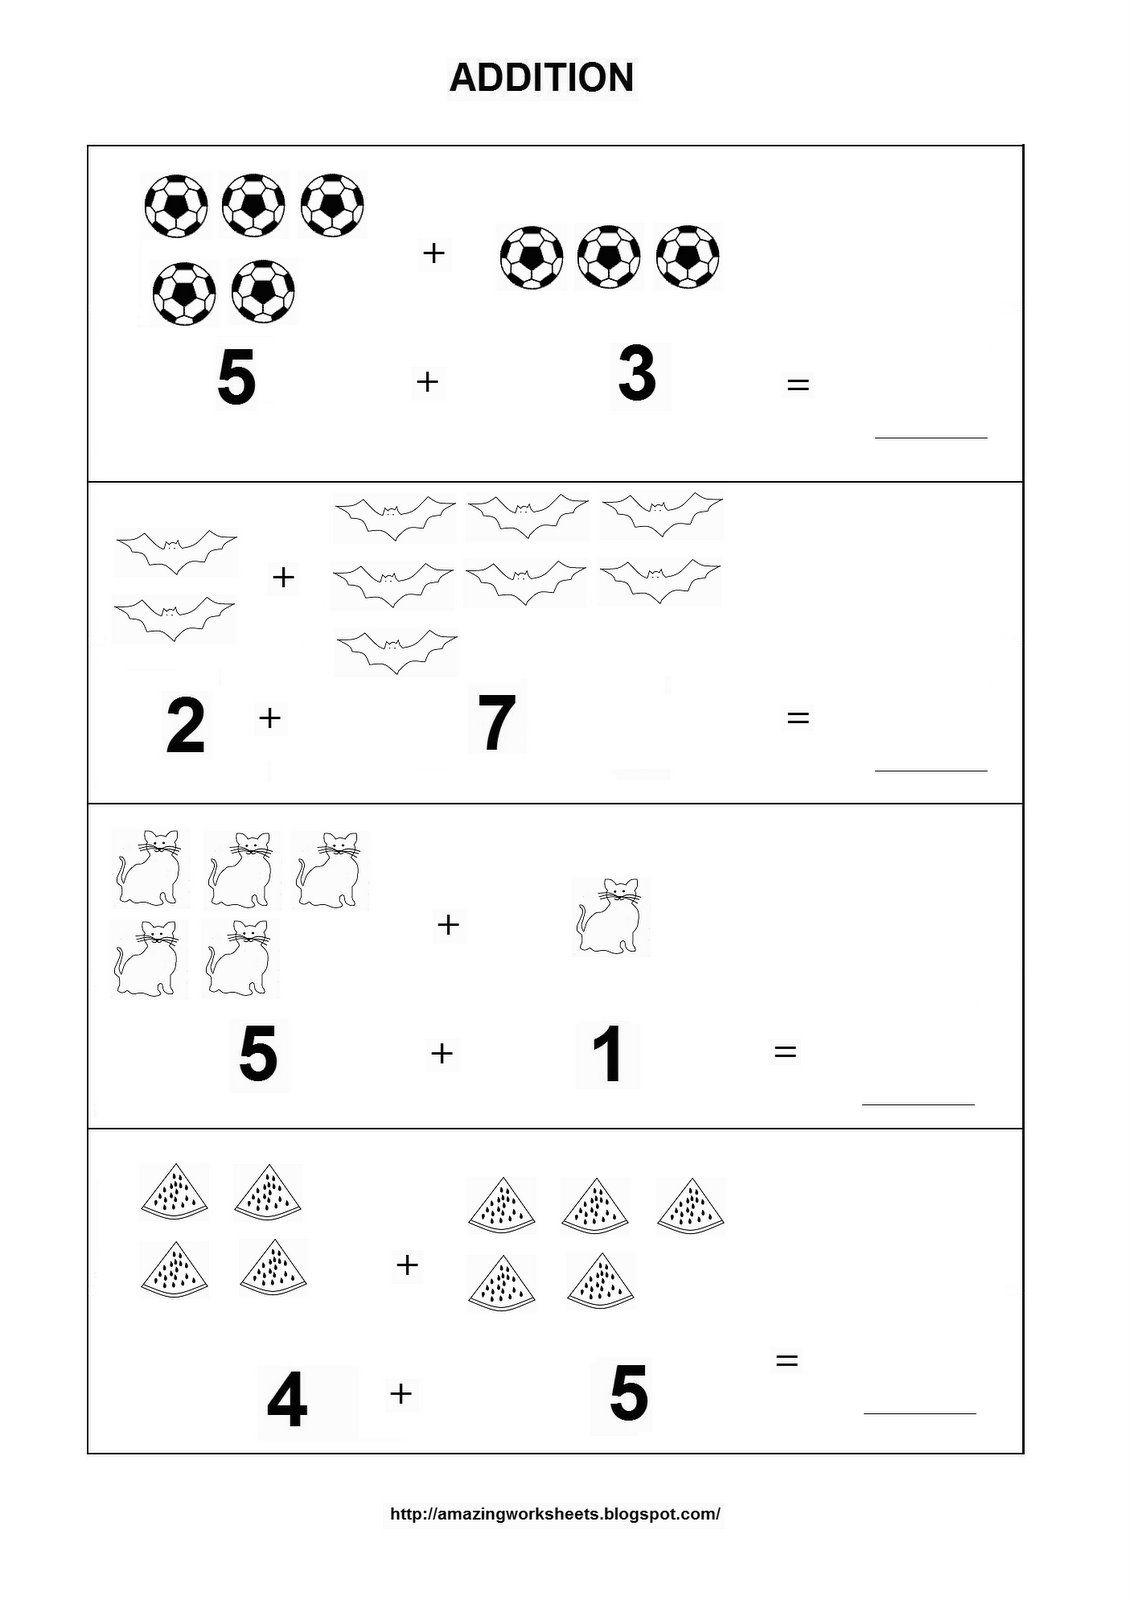 Addition Worksheet Kindergarten Math Worksheets Free Basic Math Worksheets Printable Math Worksheets